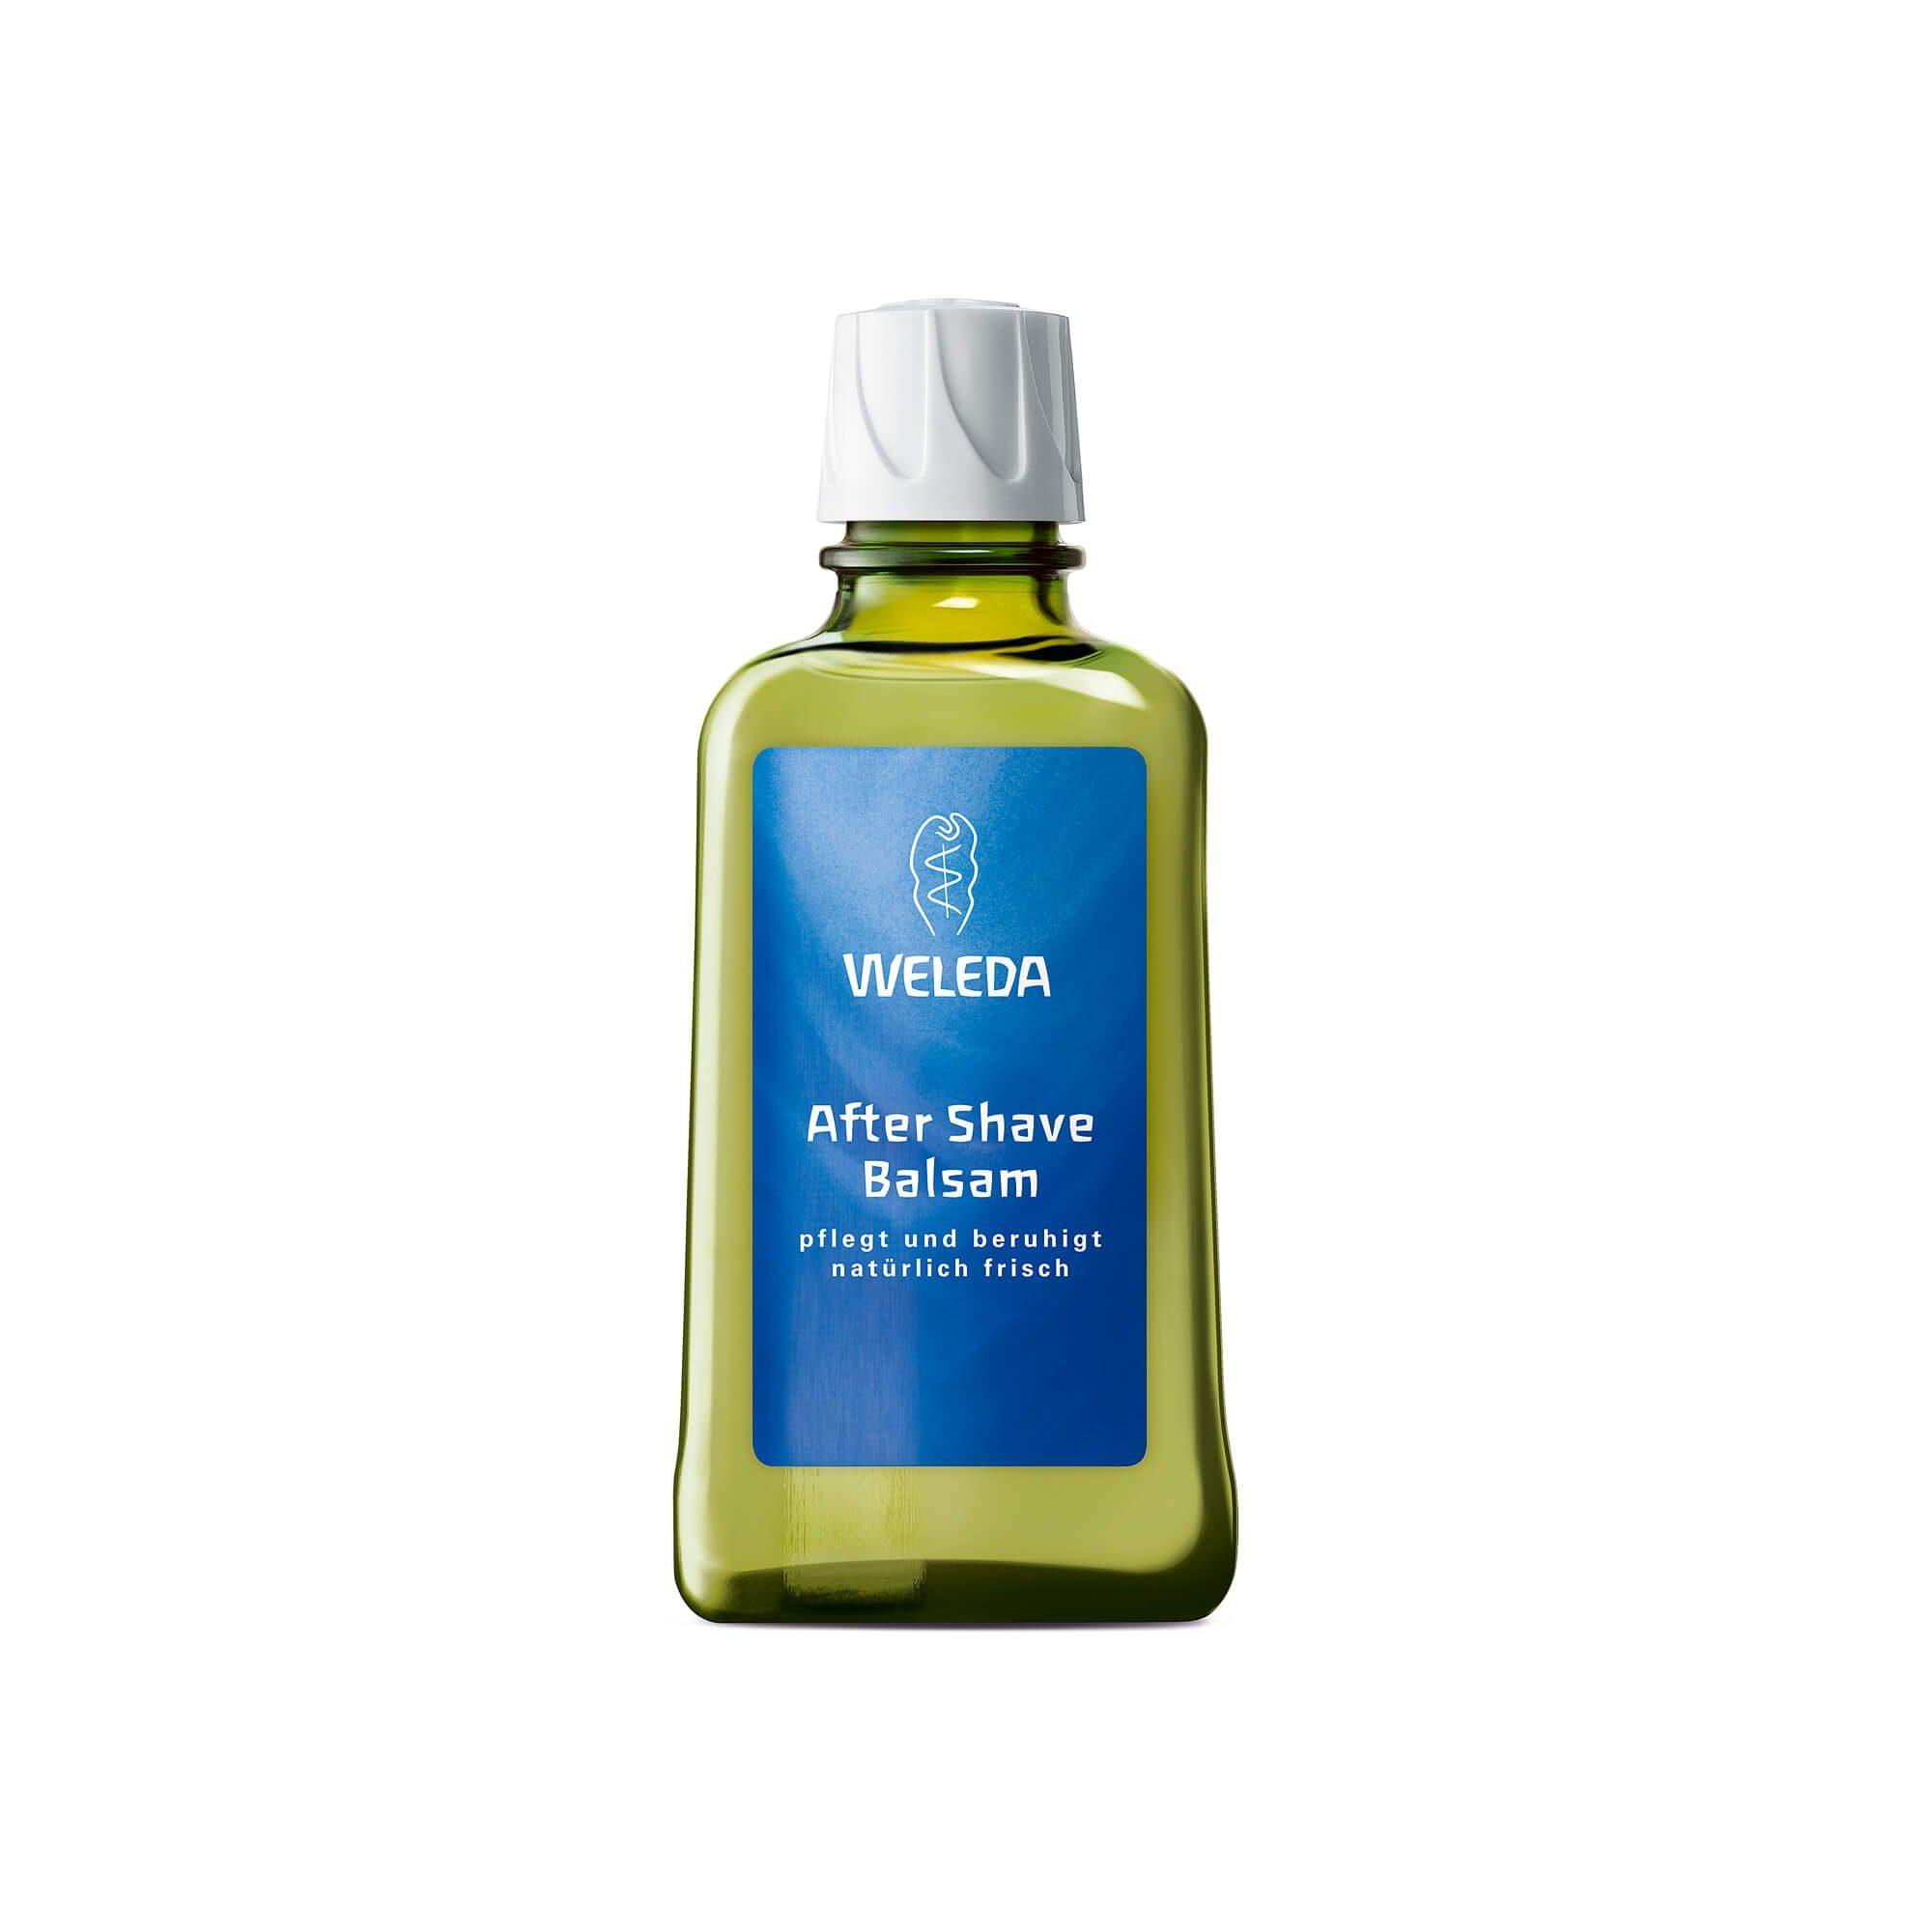 WELEDA Weleda After Shave Balsam, 100 ml